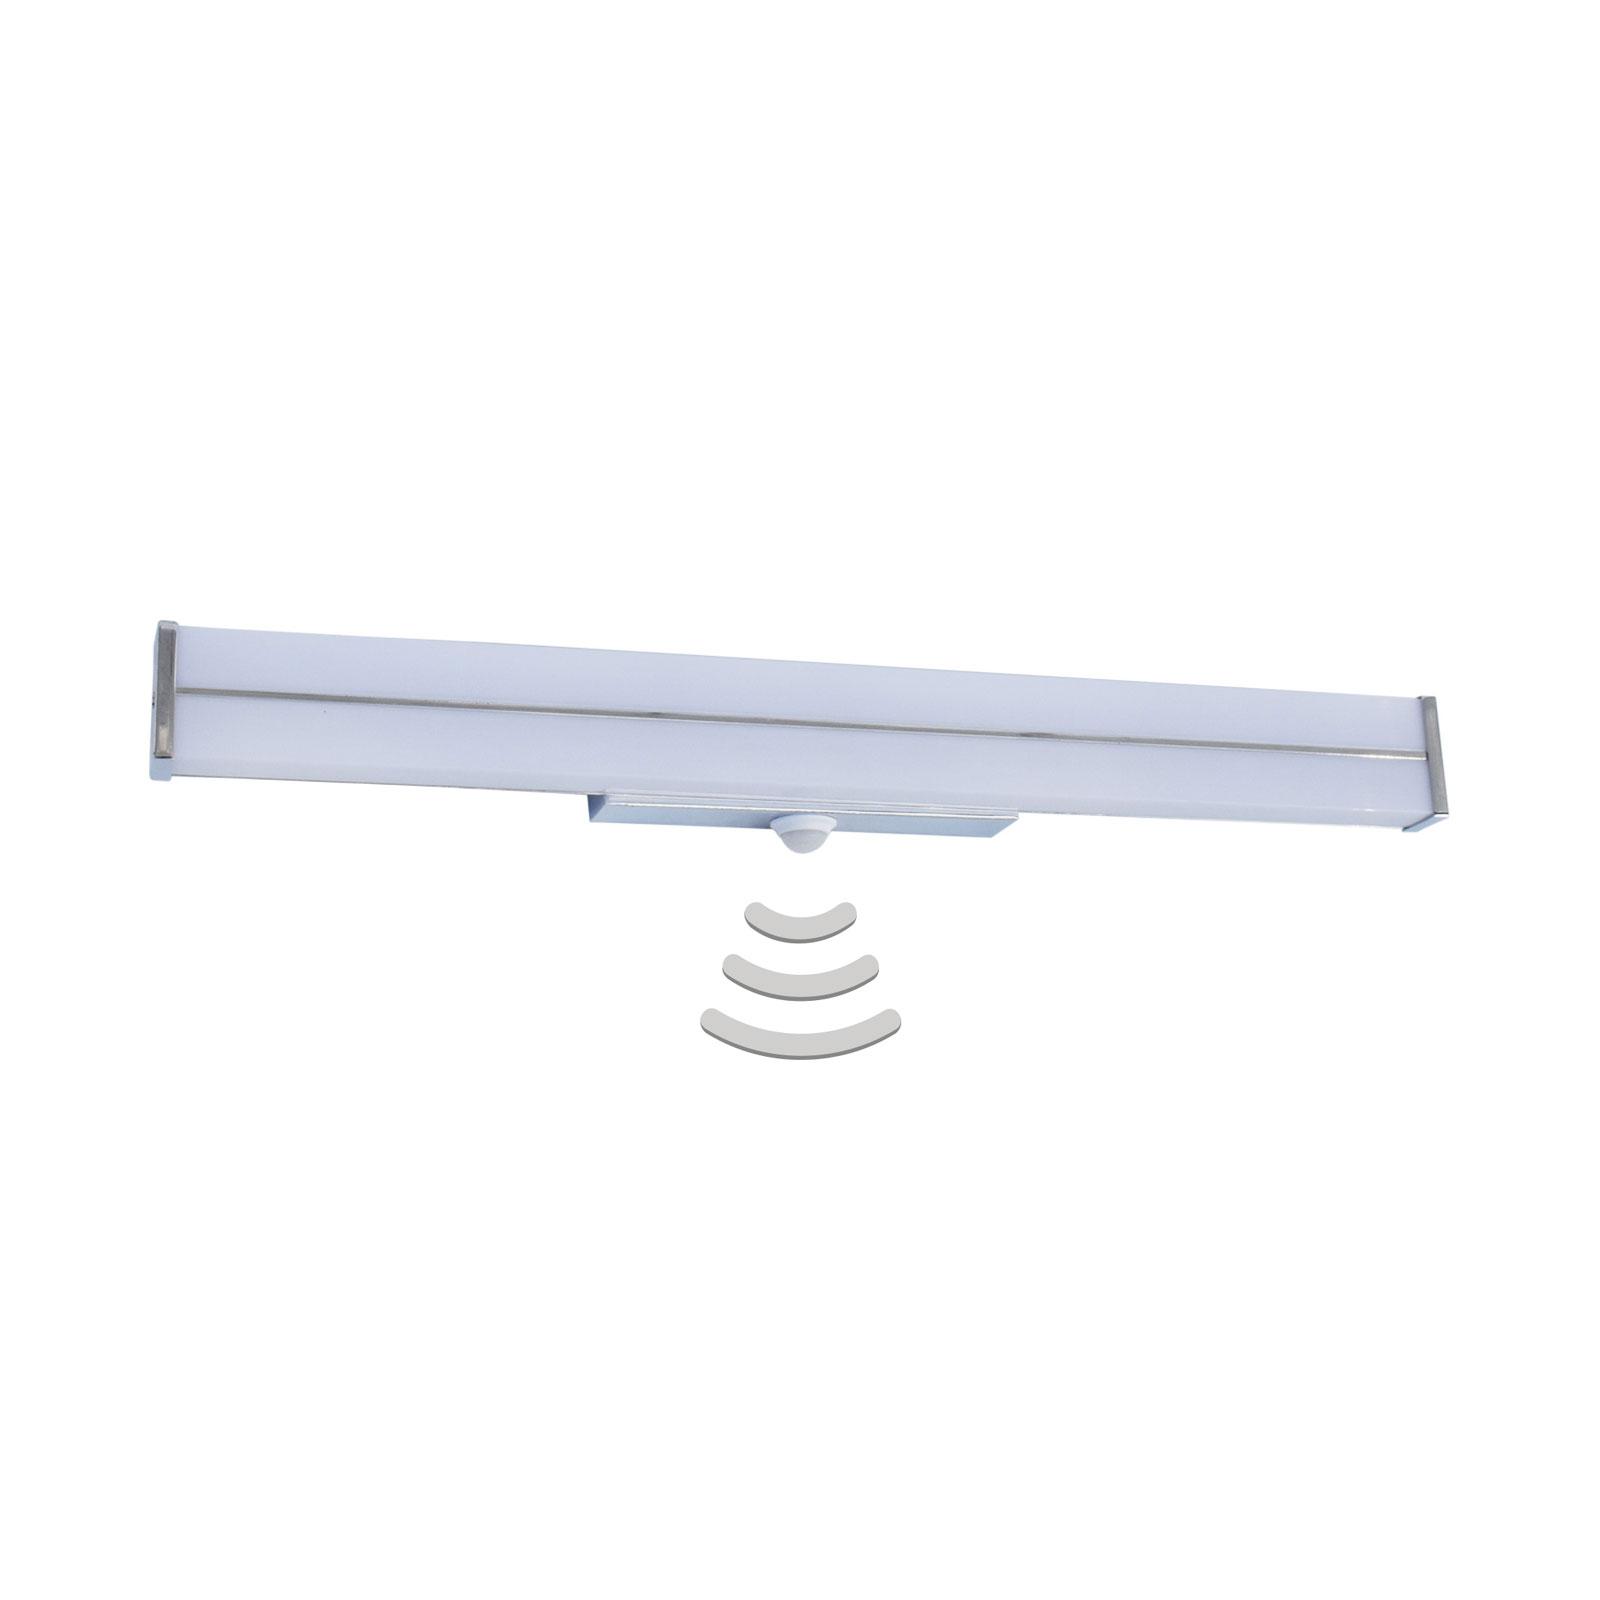 Applique miroir LED Sparky, interr. capteur, 40cm